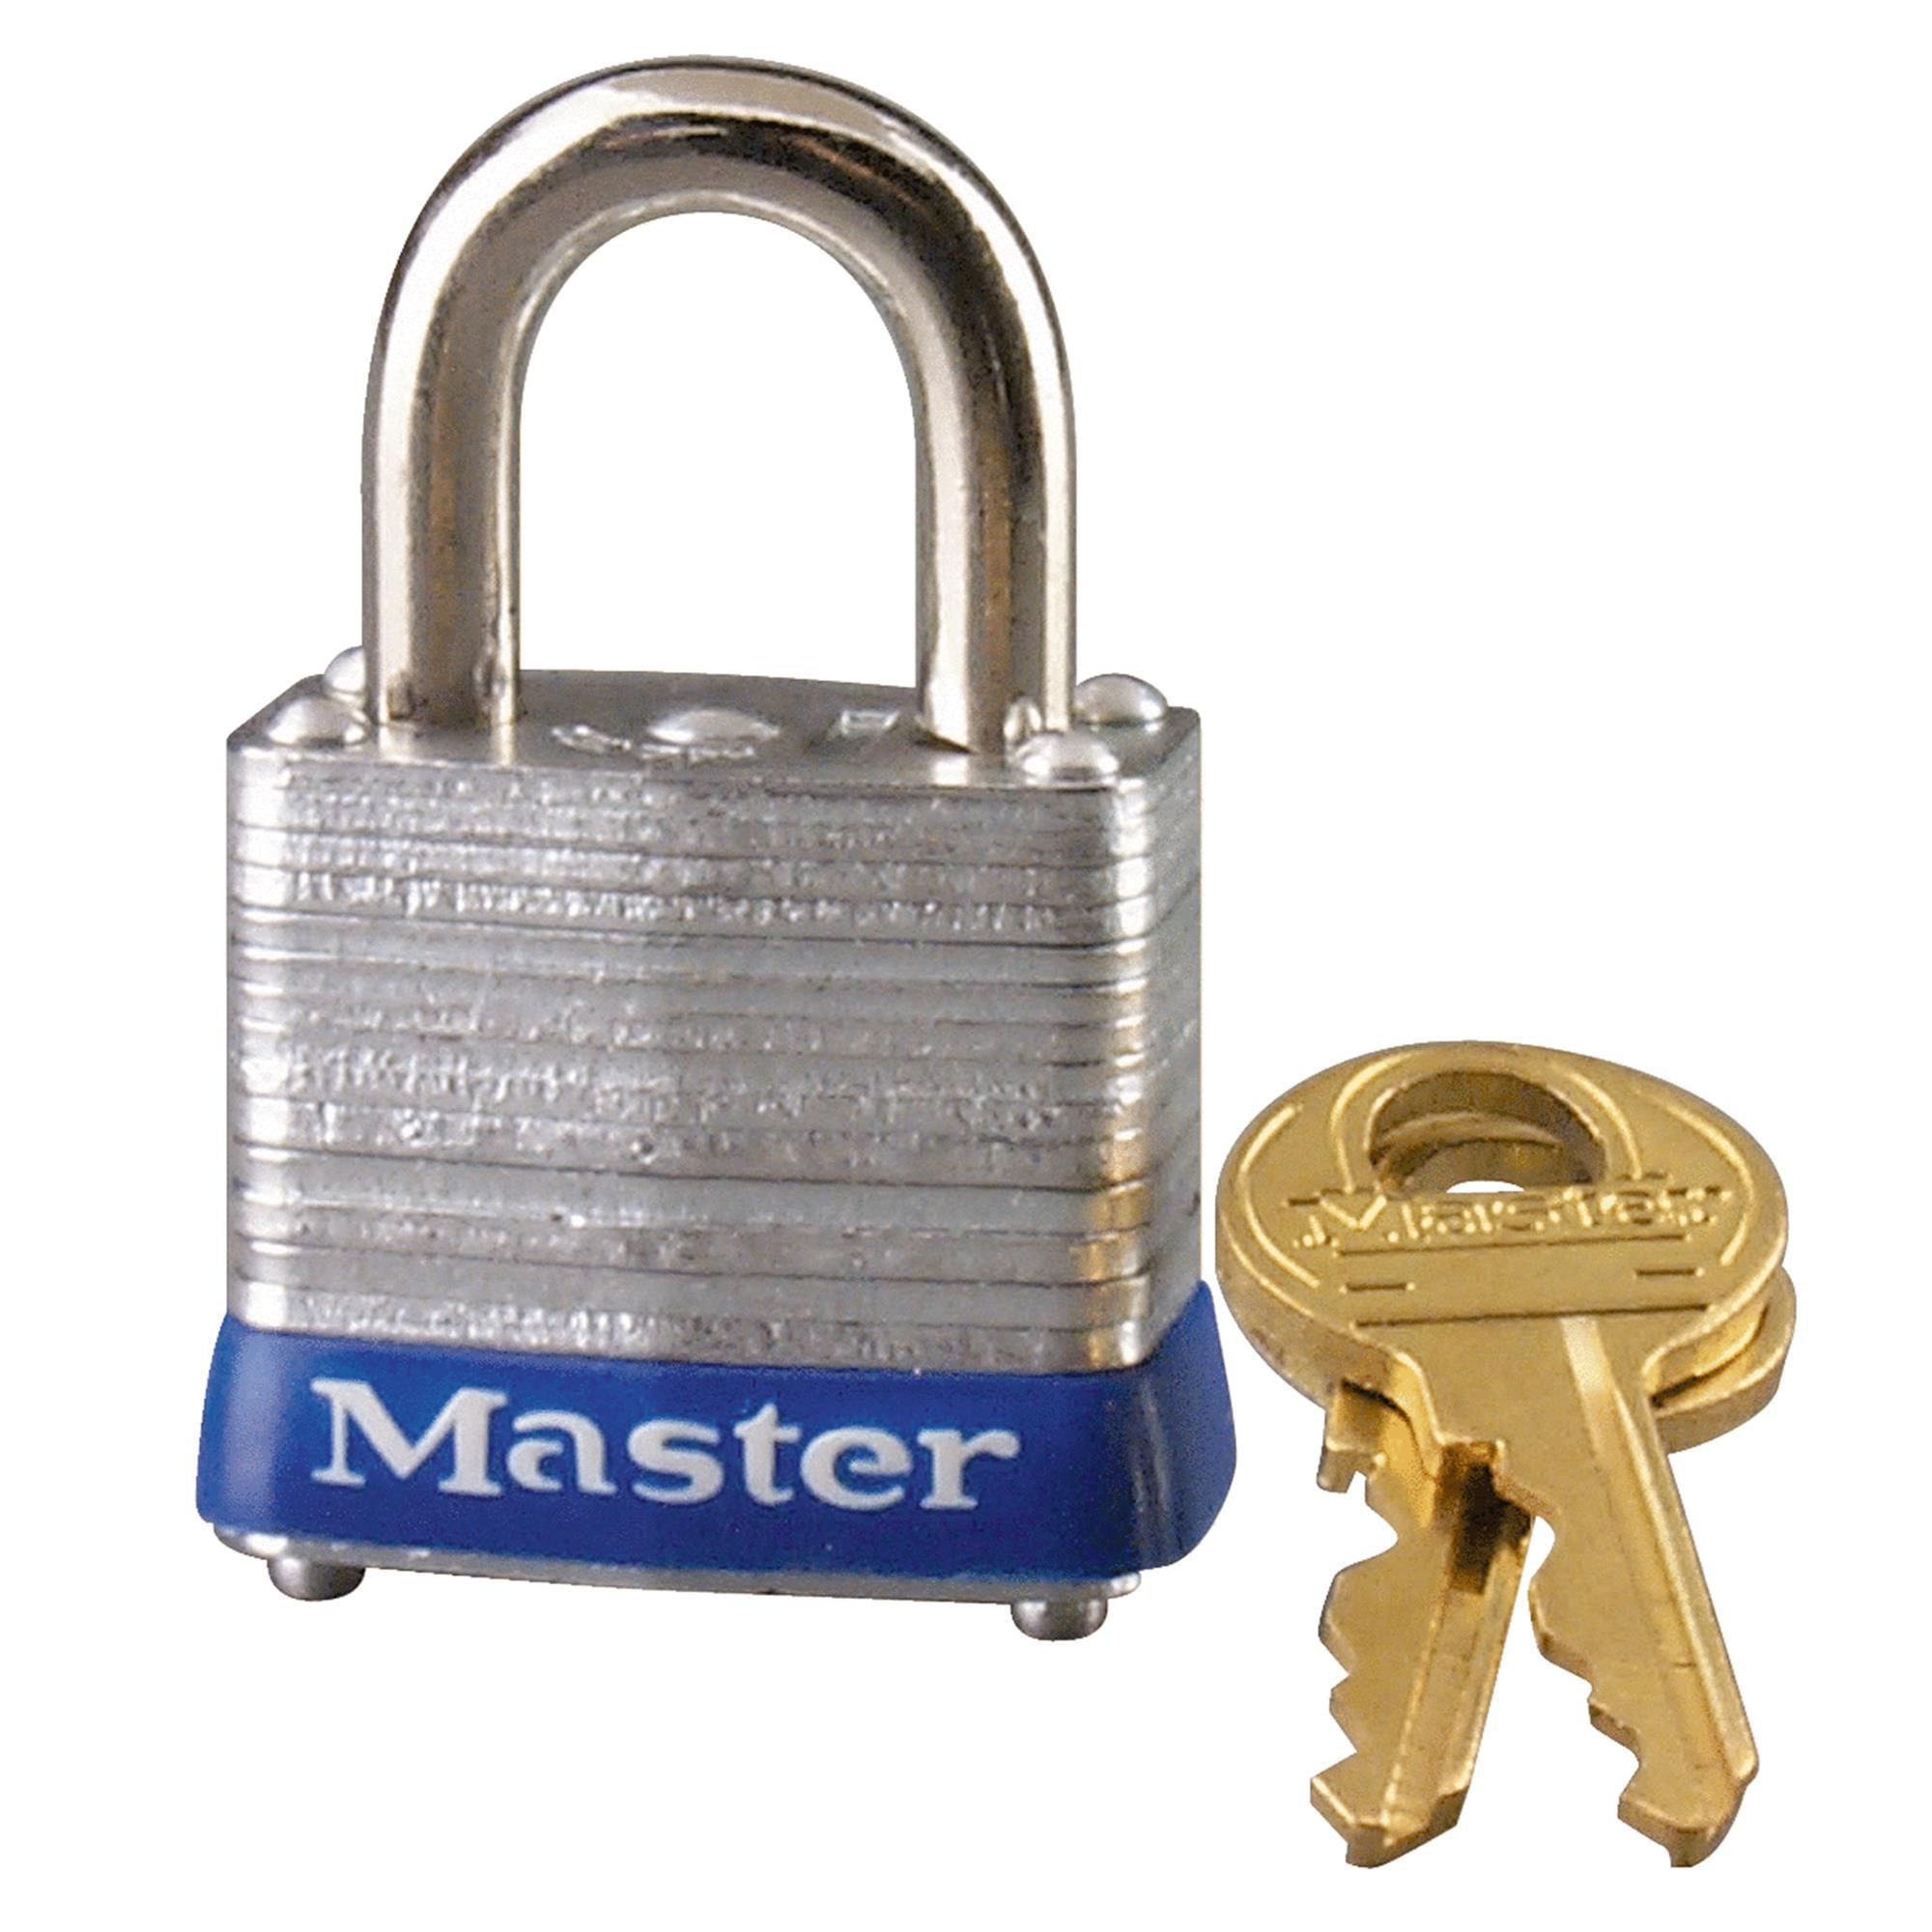 Master Lock 1-1/8 In. Wide 4-Pin Tumbler Padlock